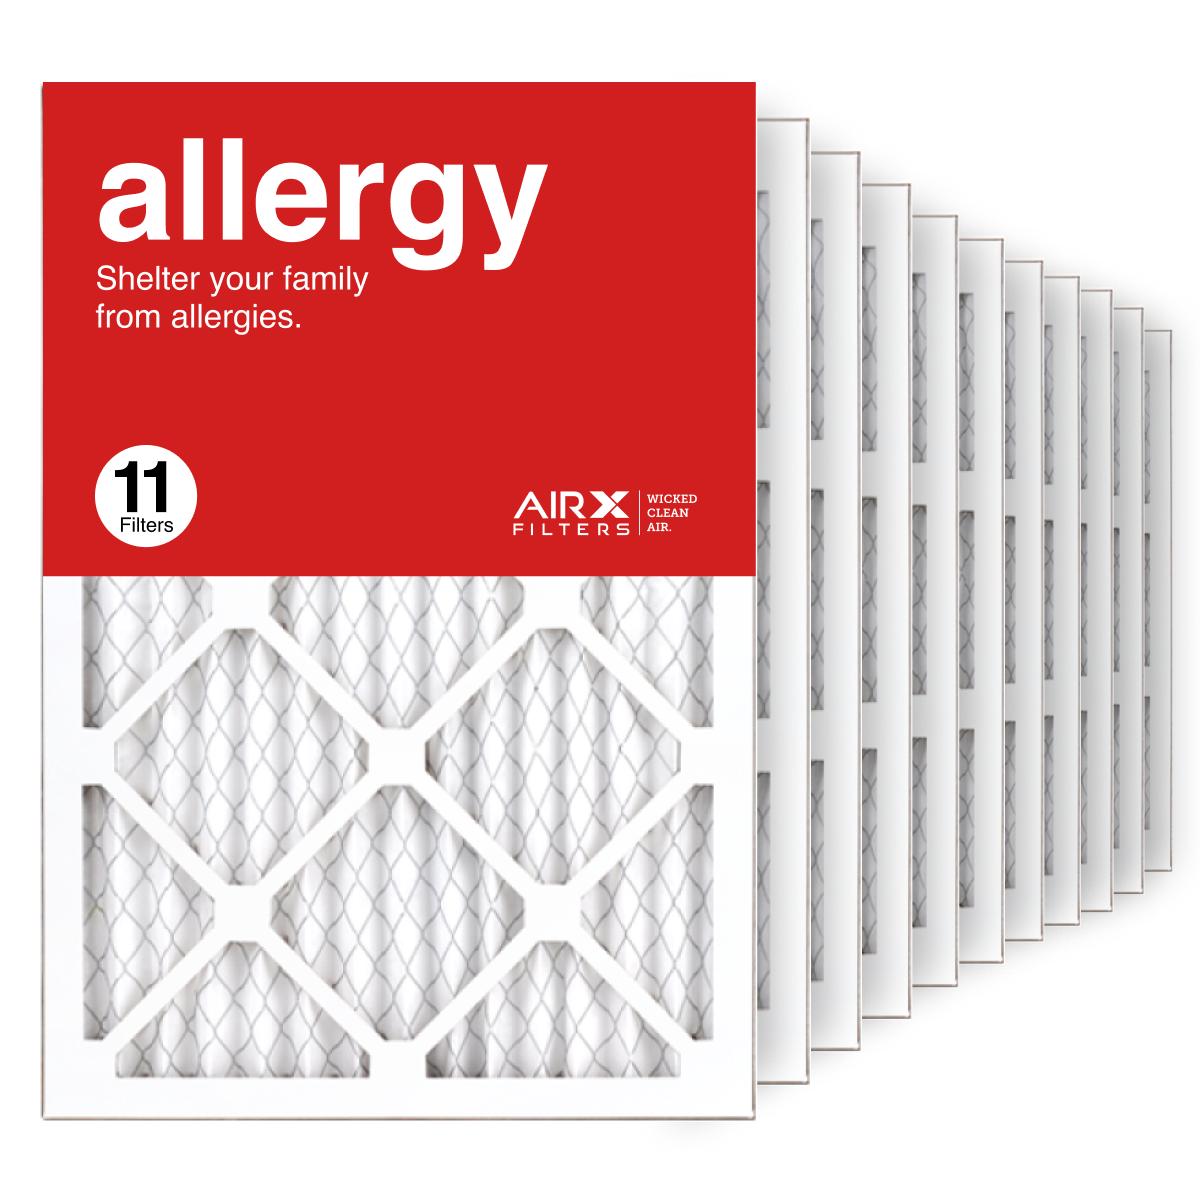 14x20x1 AIRx ALLERGY Air Filter, 11-Pack